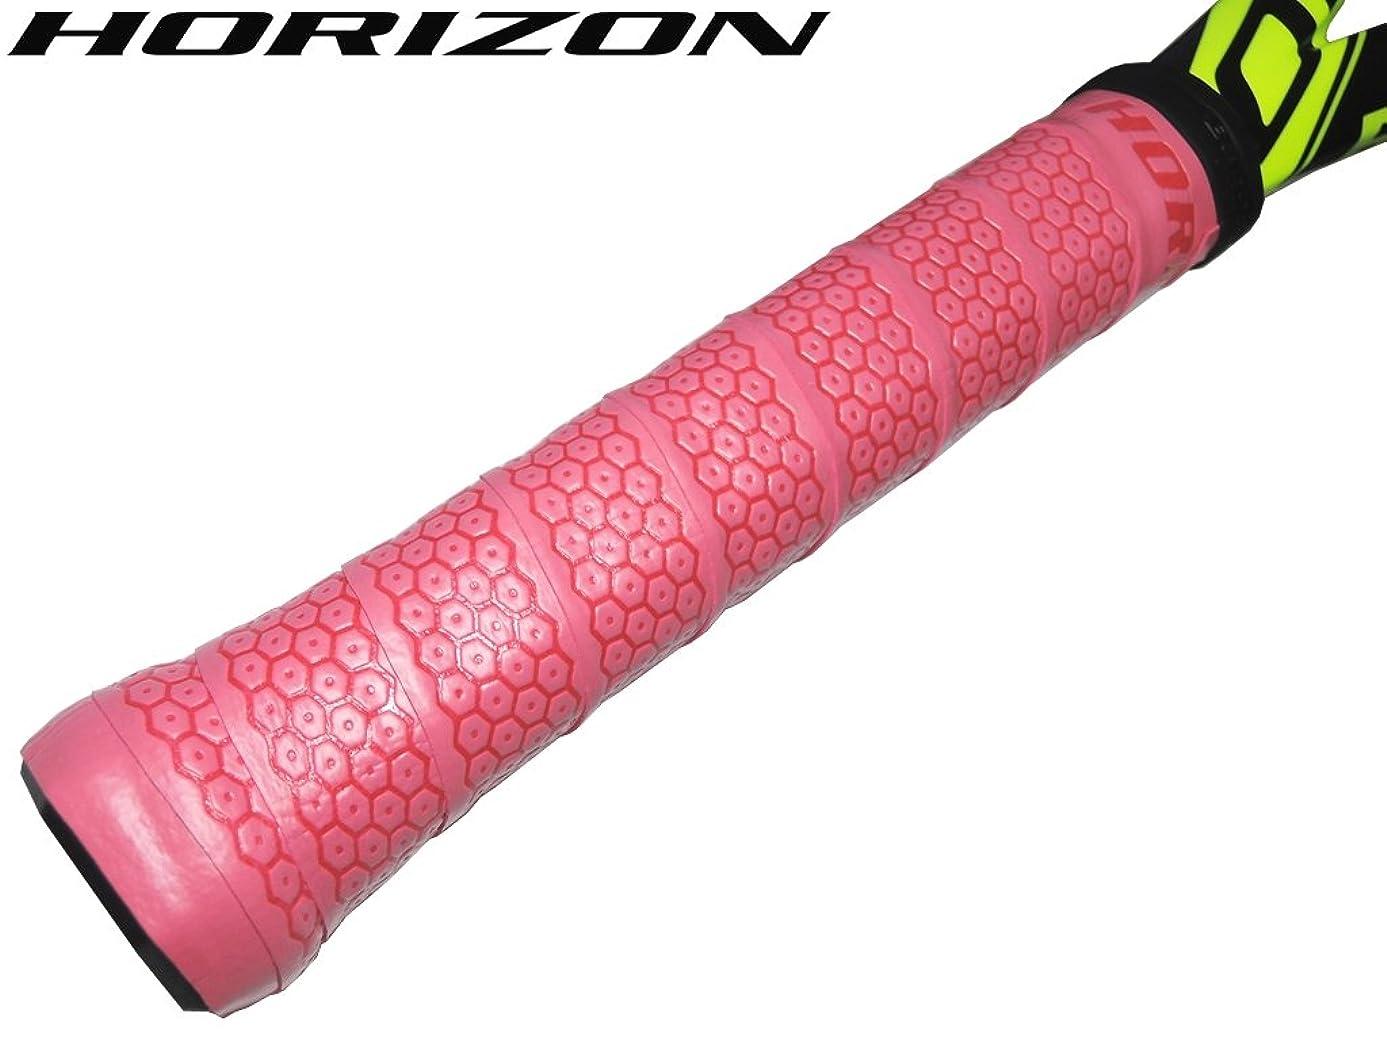 ミスペンドサイクル誰の【HORIZONホライズン】手に吸い付く オクトパス ウェット オーバーグリップテープ ピンク 1本 硬式テニスグリップ用